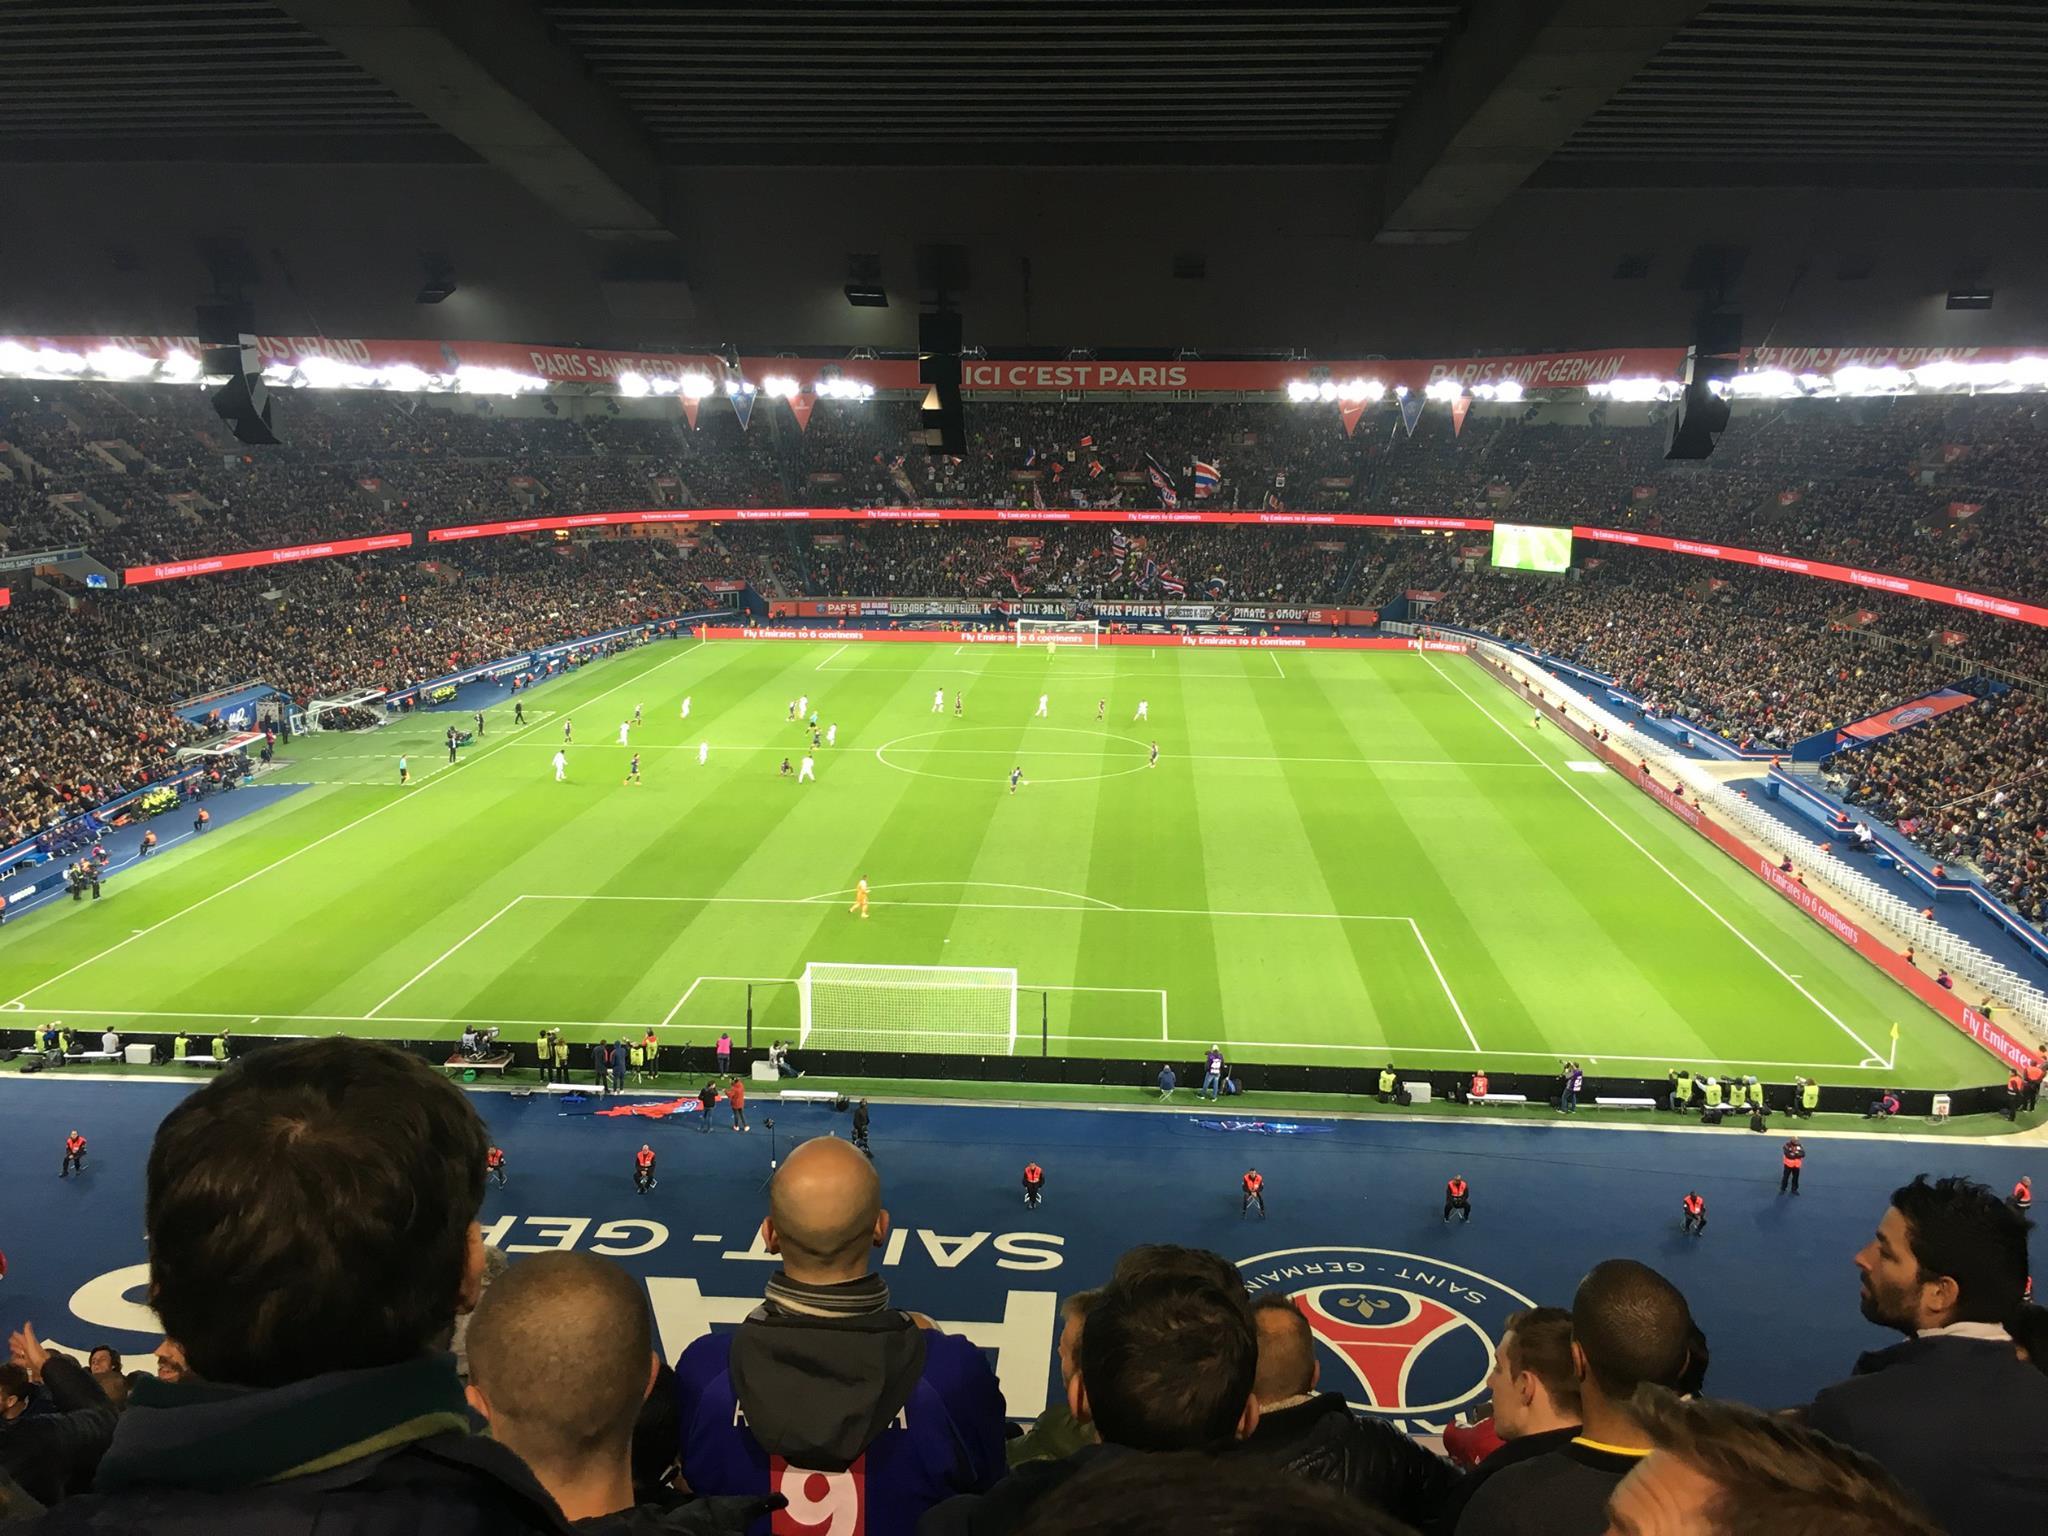 Paris Saint Germain tickets